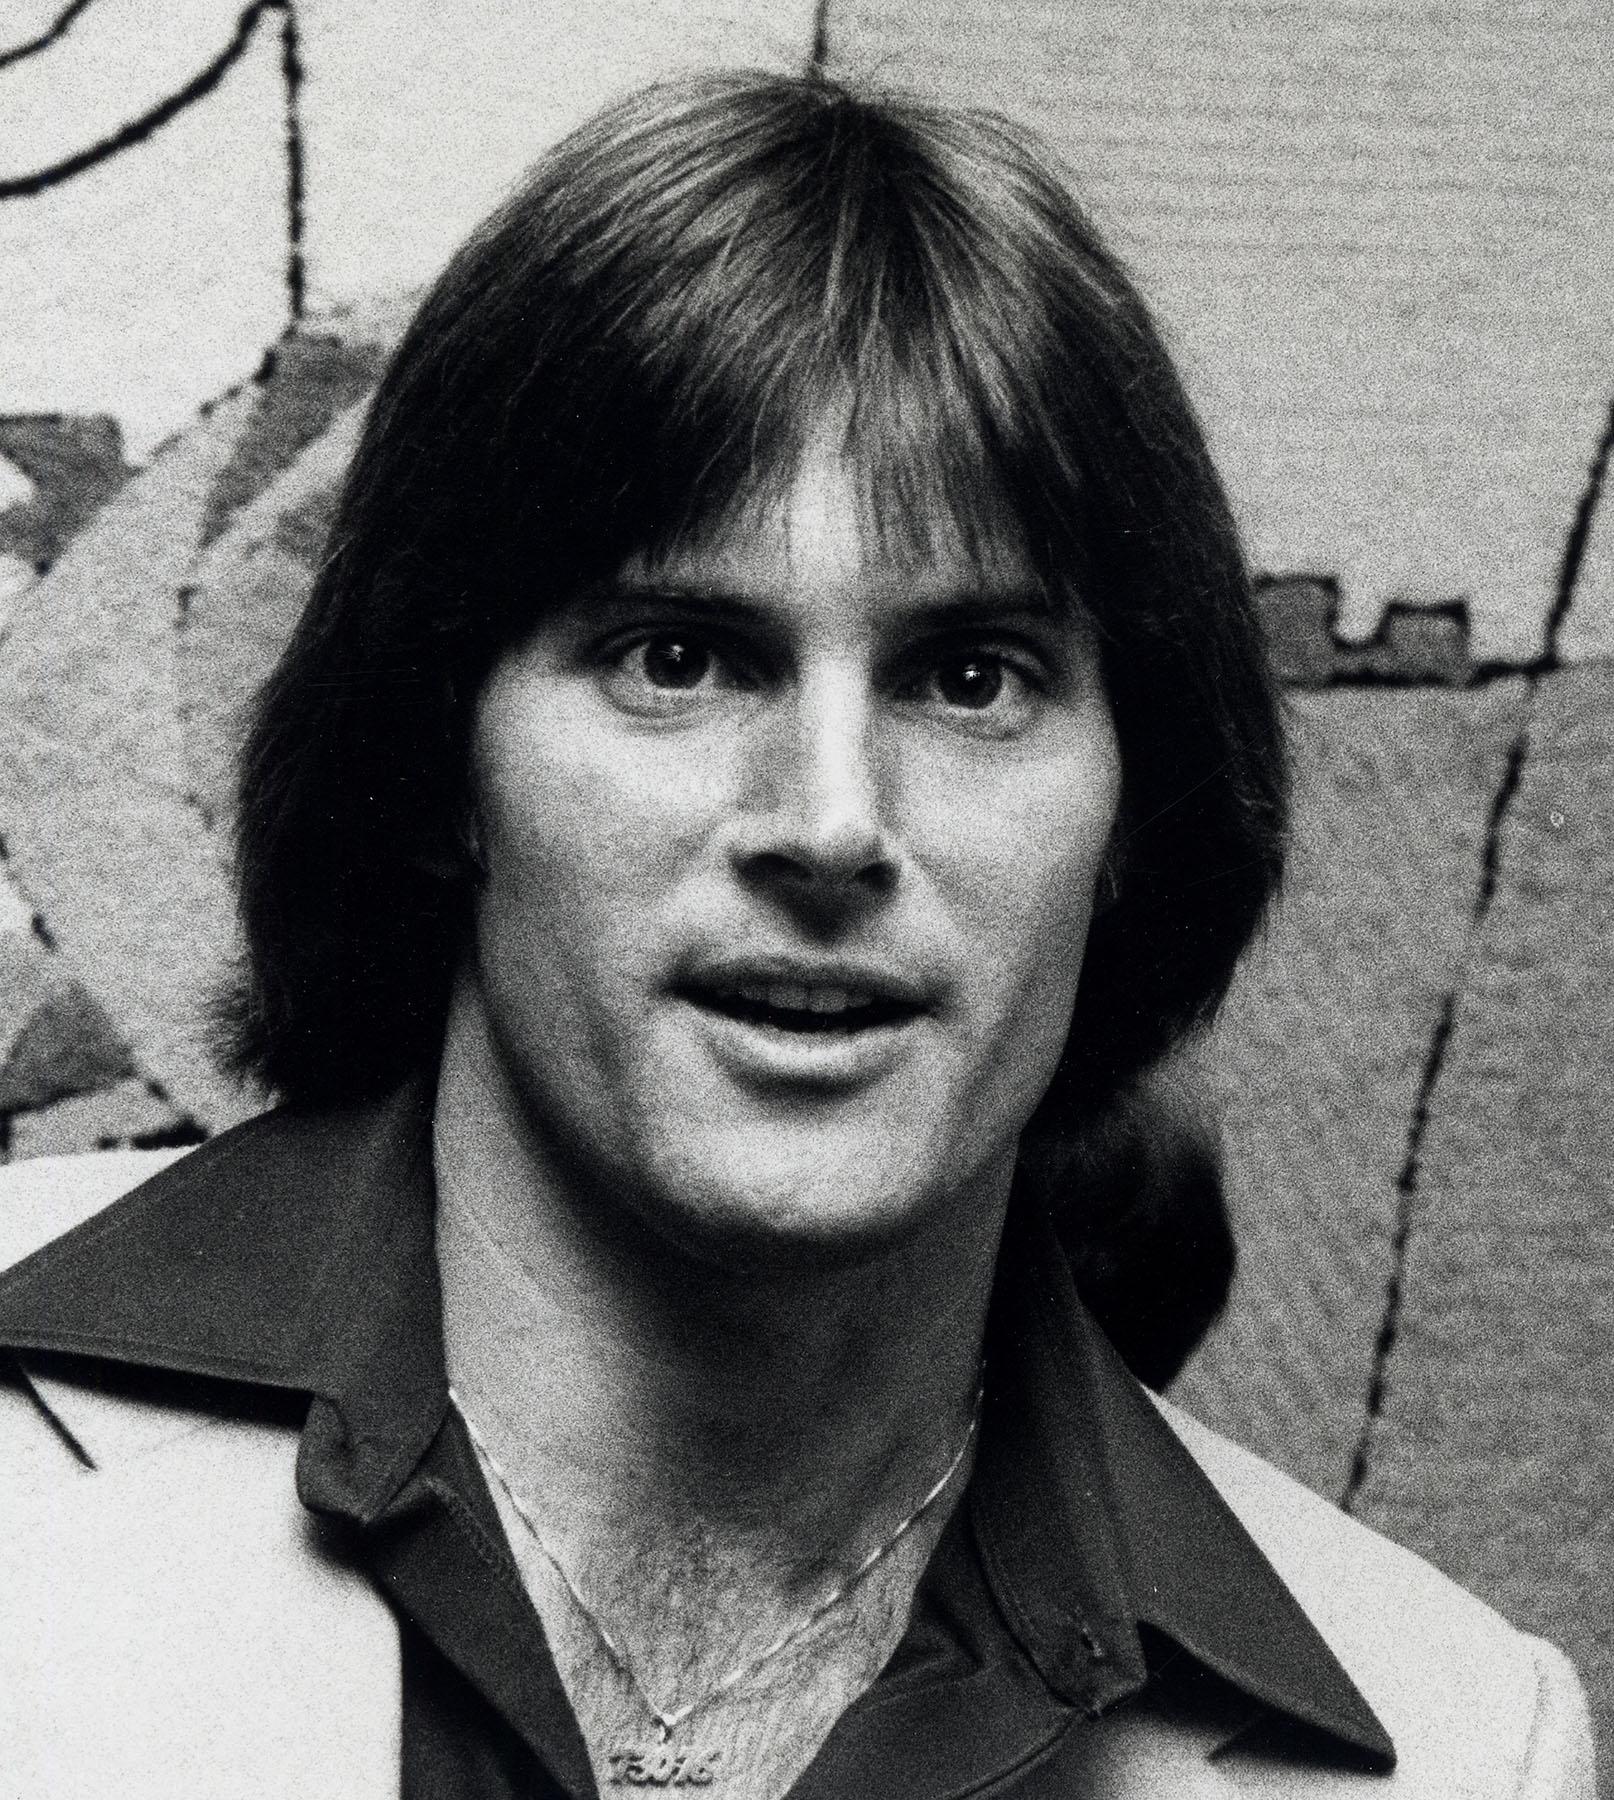 Bruce Jenner's revelations - Bookworm Room Bruce Jenner